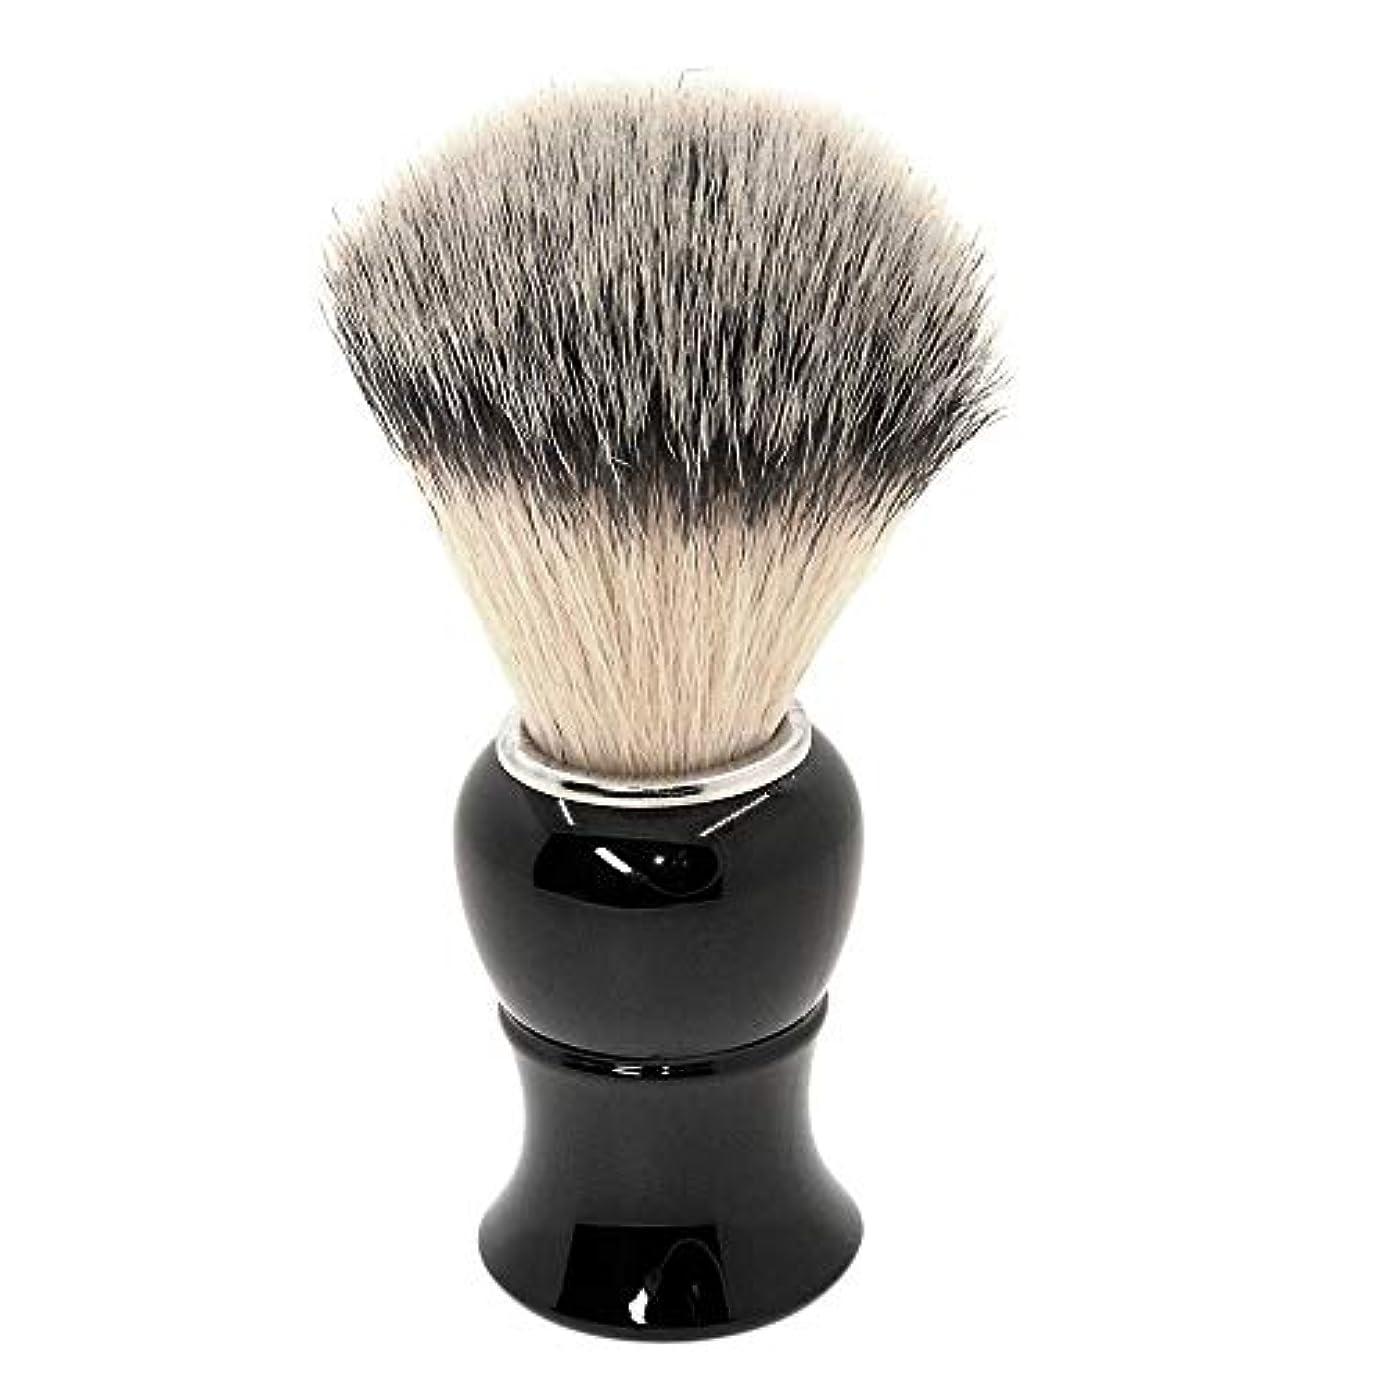 樹木グラス爆発物あごひげケア 美容ツール シェービング ブラシ 泡立ち アナグマ 毛 理容 洗顔 髭剃り マッサージ 効果